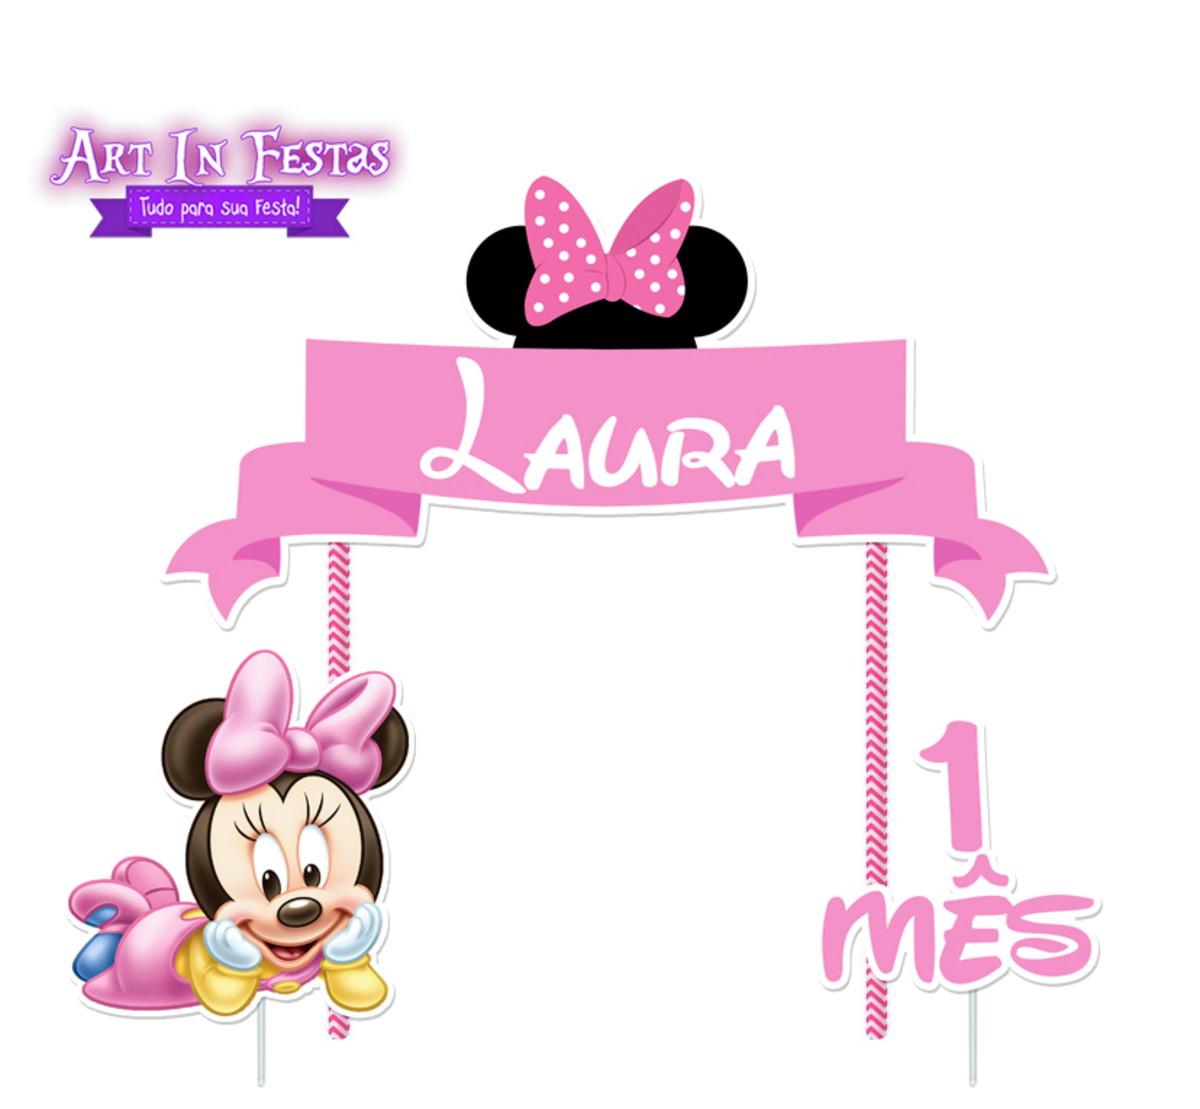 Topo De Bolo Personalizado Minnie Baby No Elo7 Art In Festas